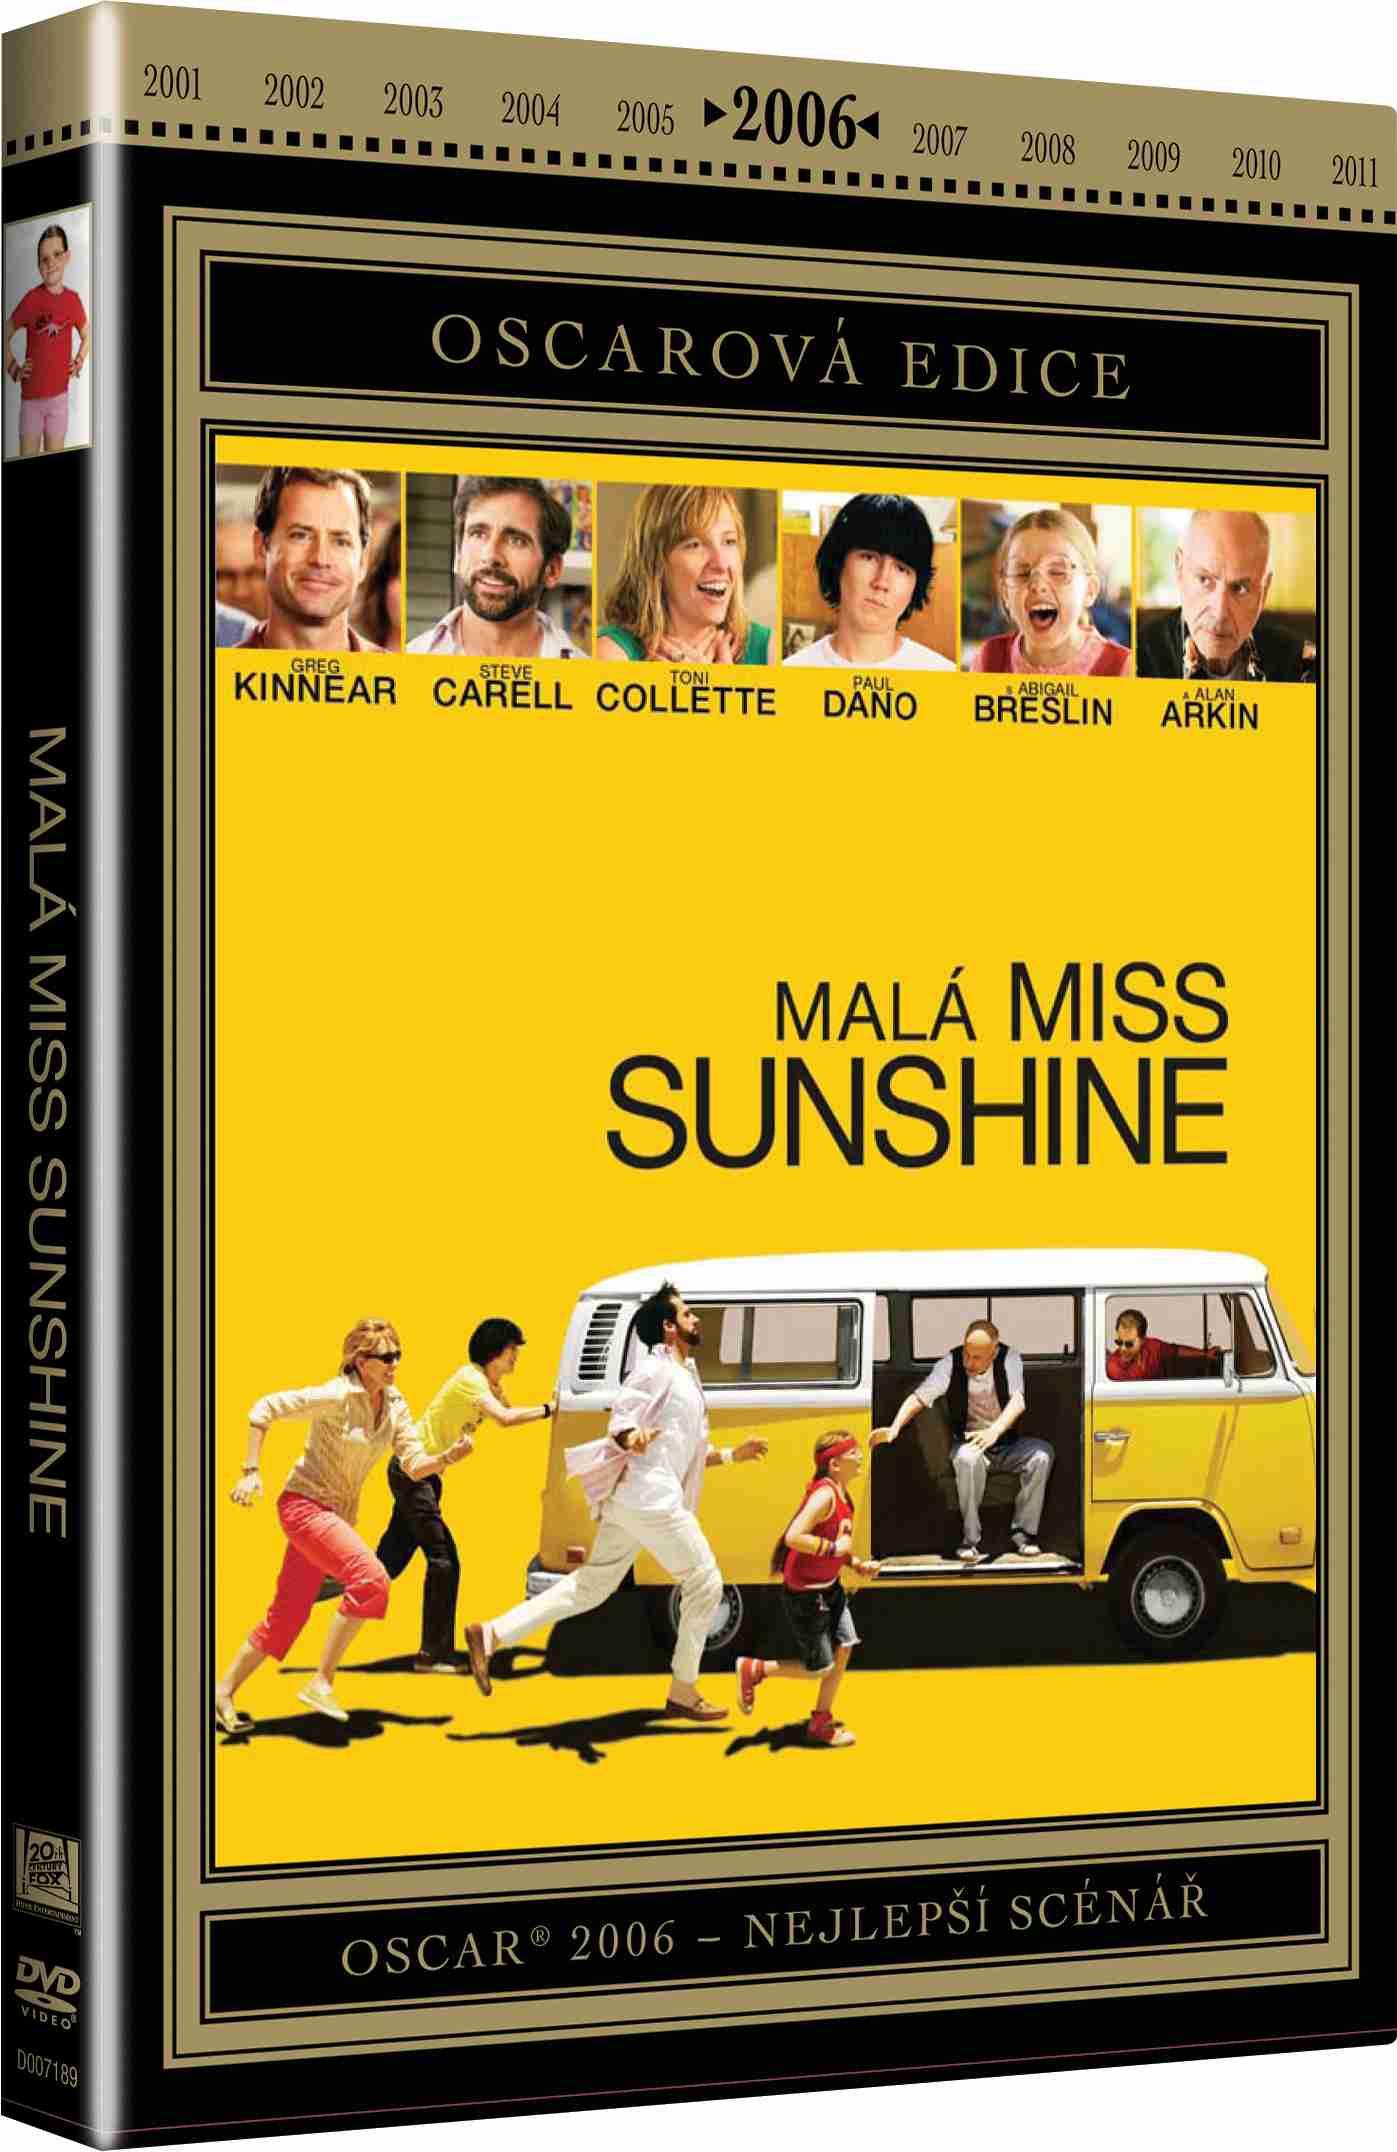 MALÁ MISS SUNSHINE (Oscarová edice) - DVD